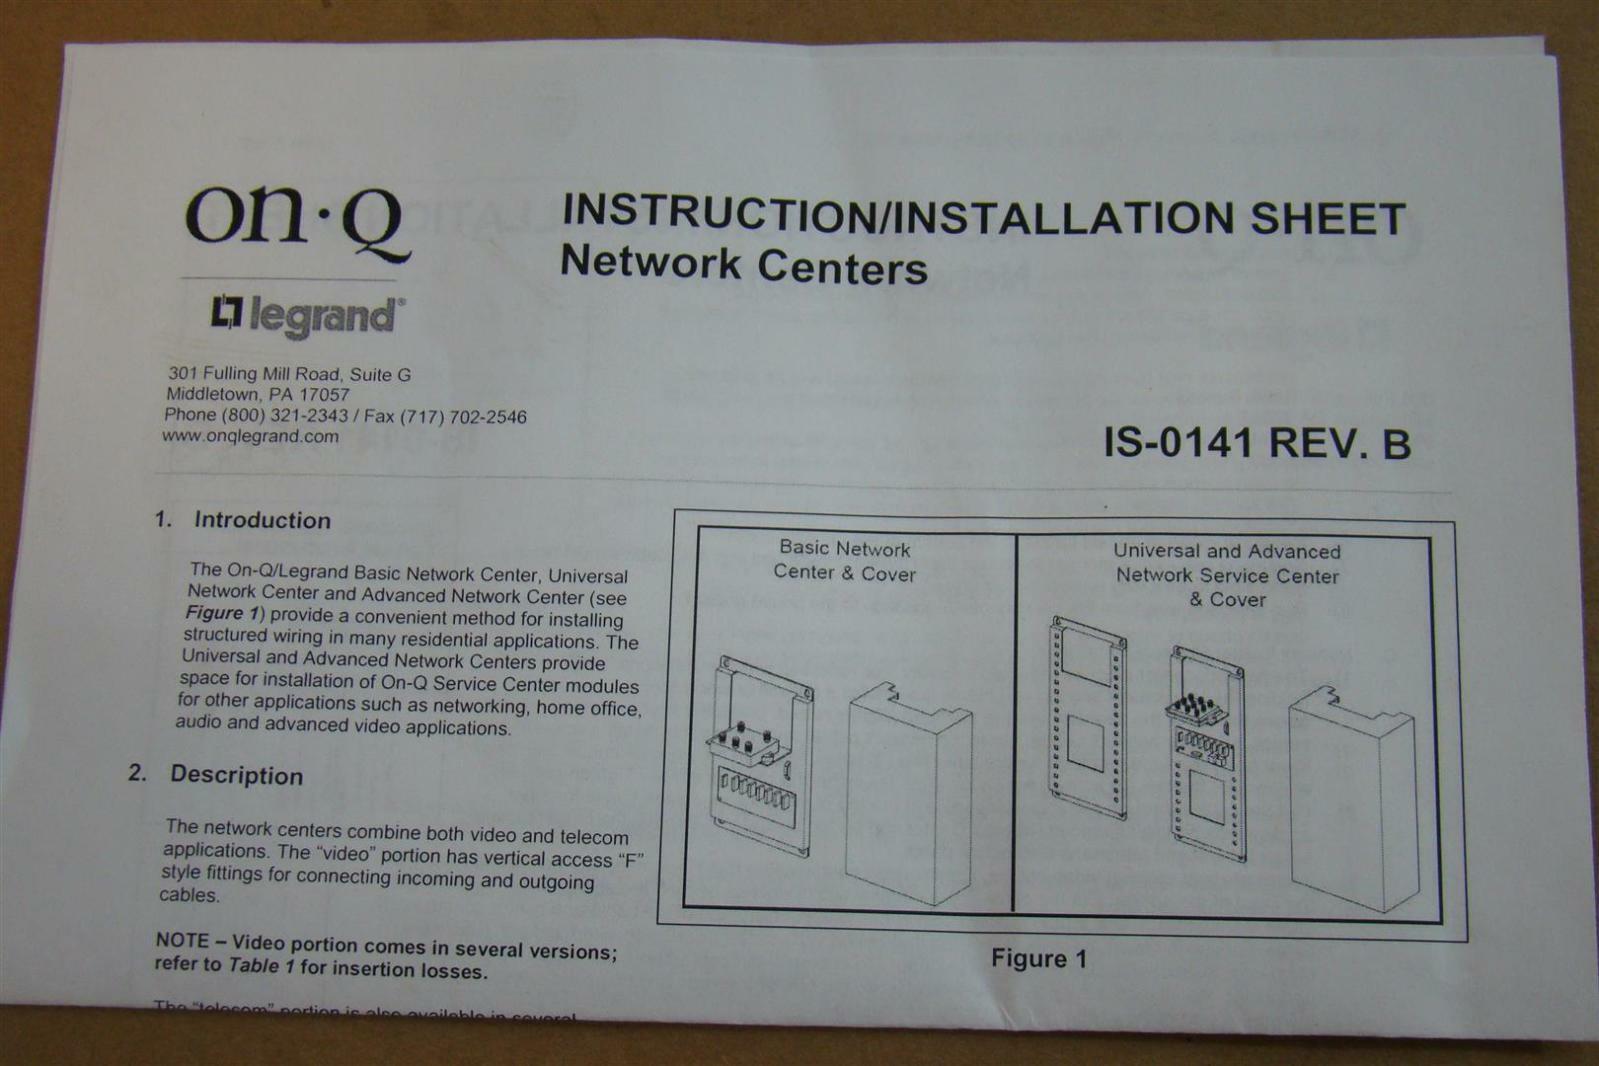 Legrand Onq Pn 100057 01 4way Splitter 5 1000mhz 130db Rfi 364397 Wiring Diagram